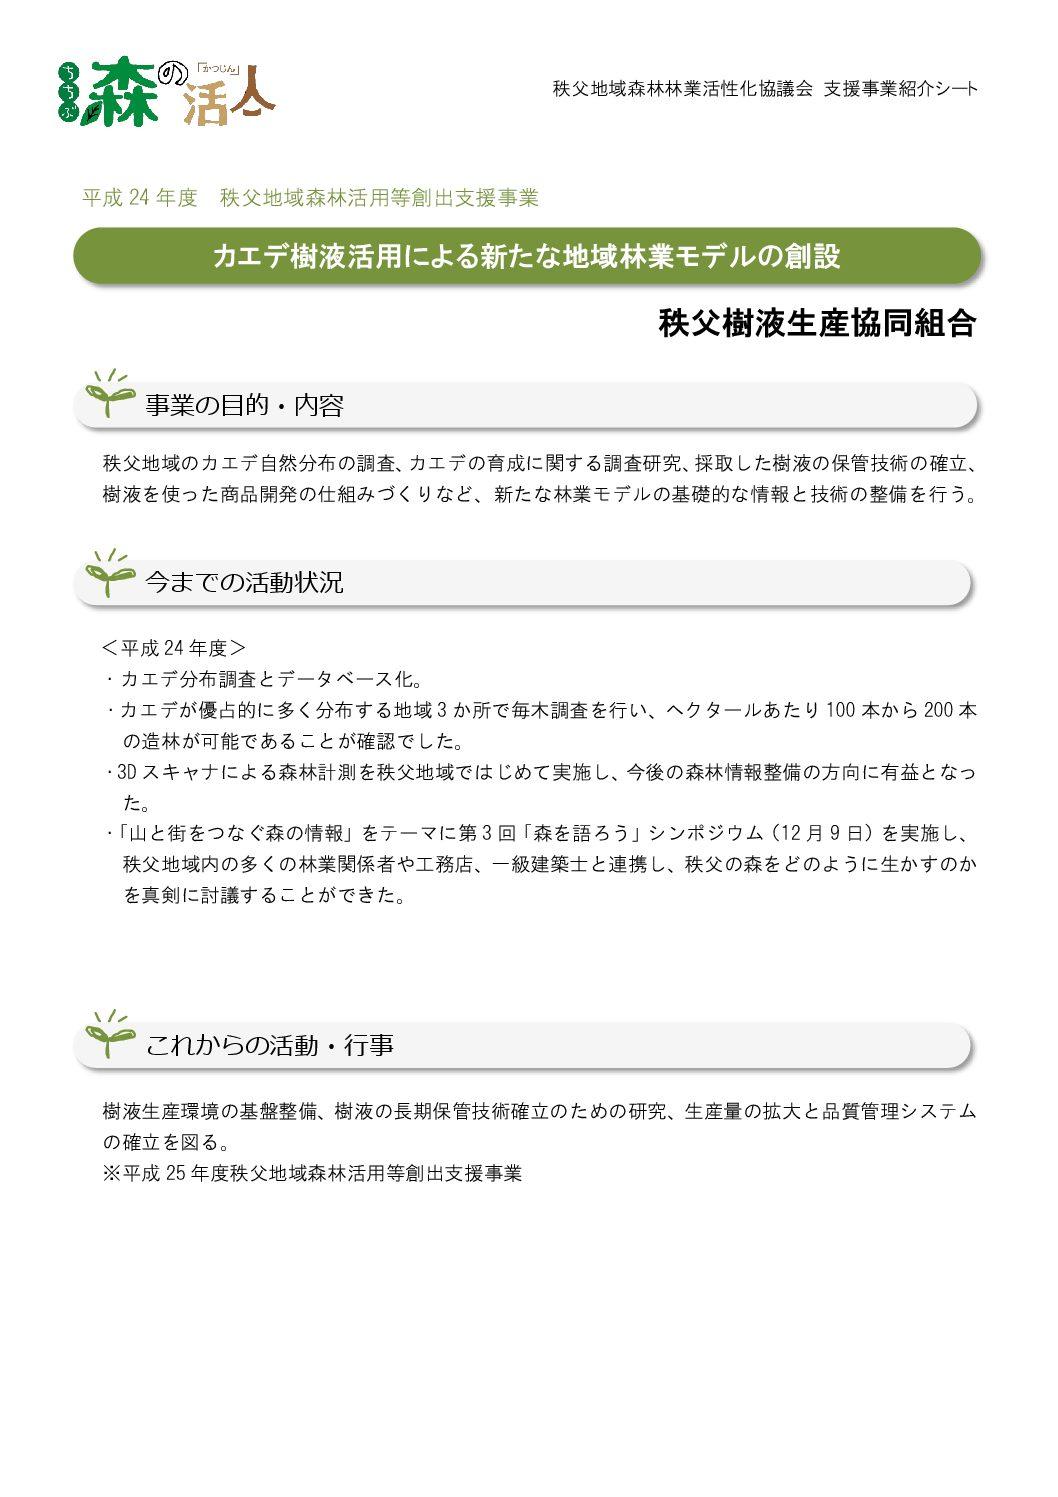 utilize0102_01